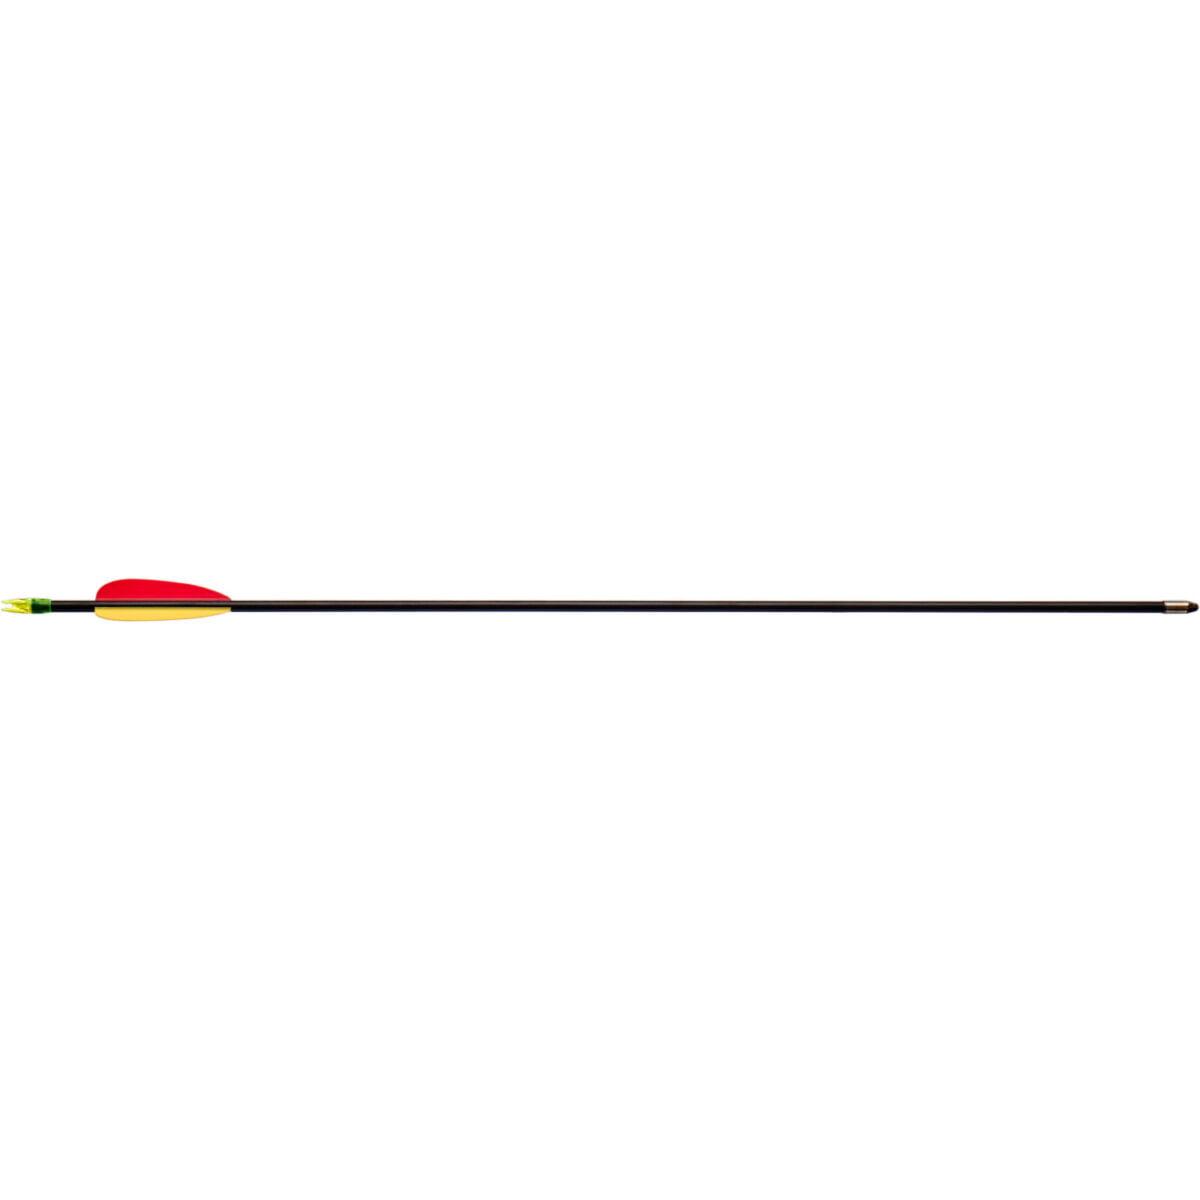 Стрела для лука Man Kung MK-FA26 ,фиберглас ц:черный